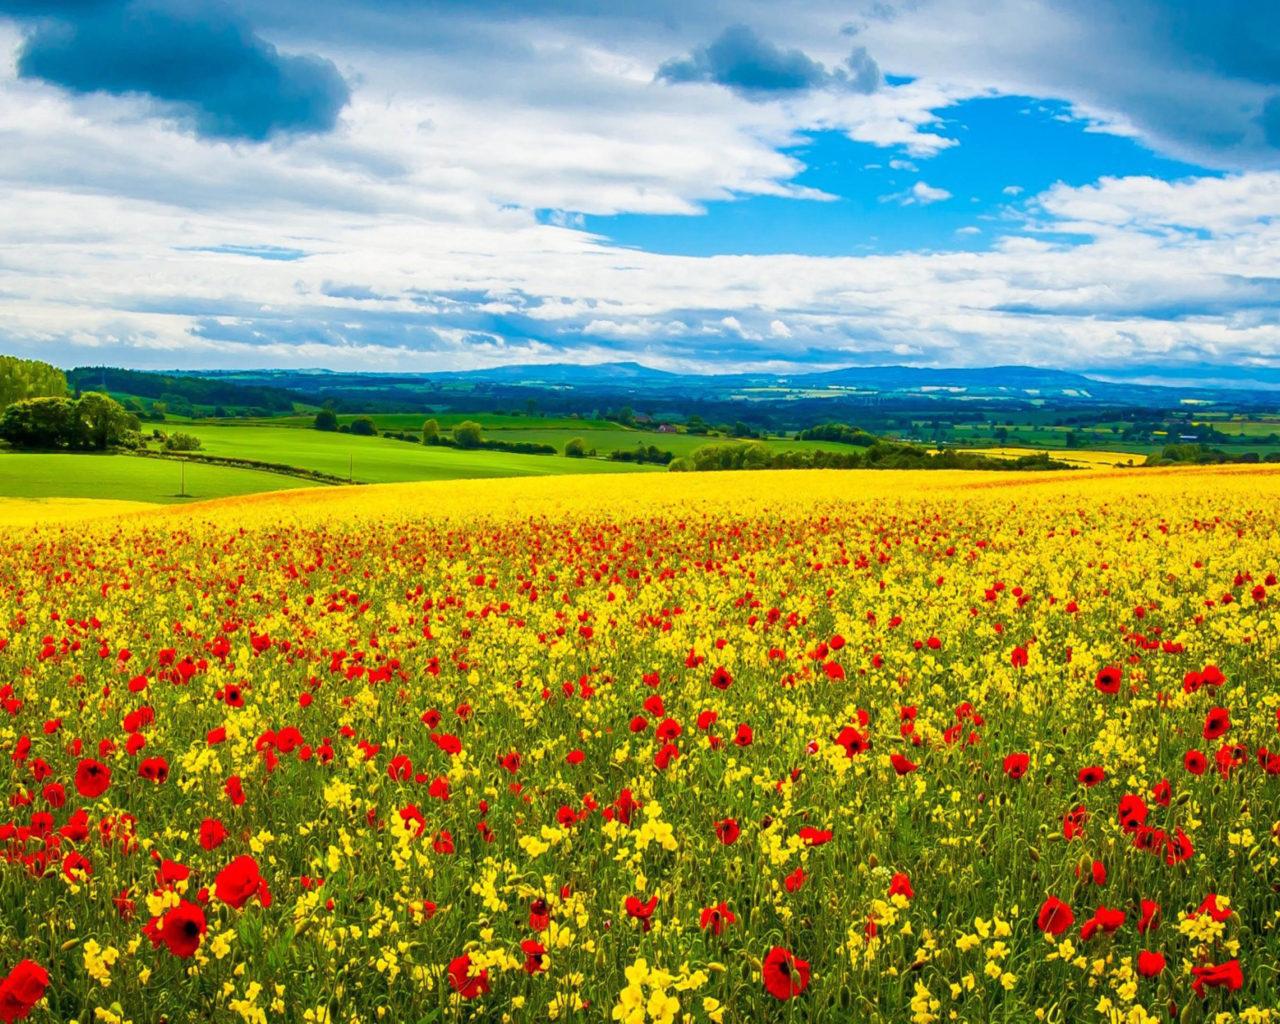 Falling Bridge Wallpaper Poppy Field Wild Flowers Spring Desktop Hd Wallpapers For